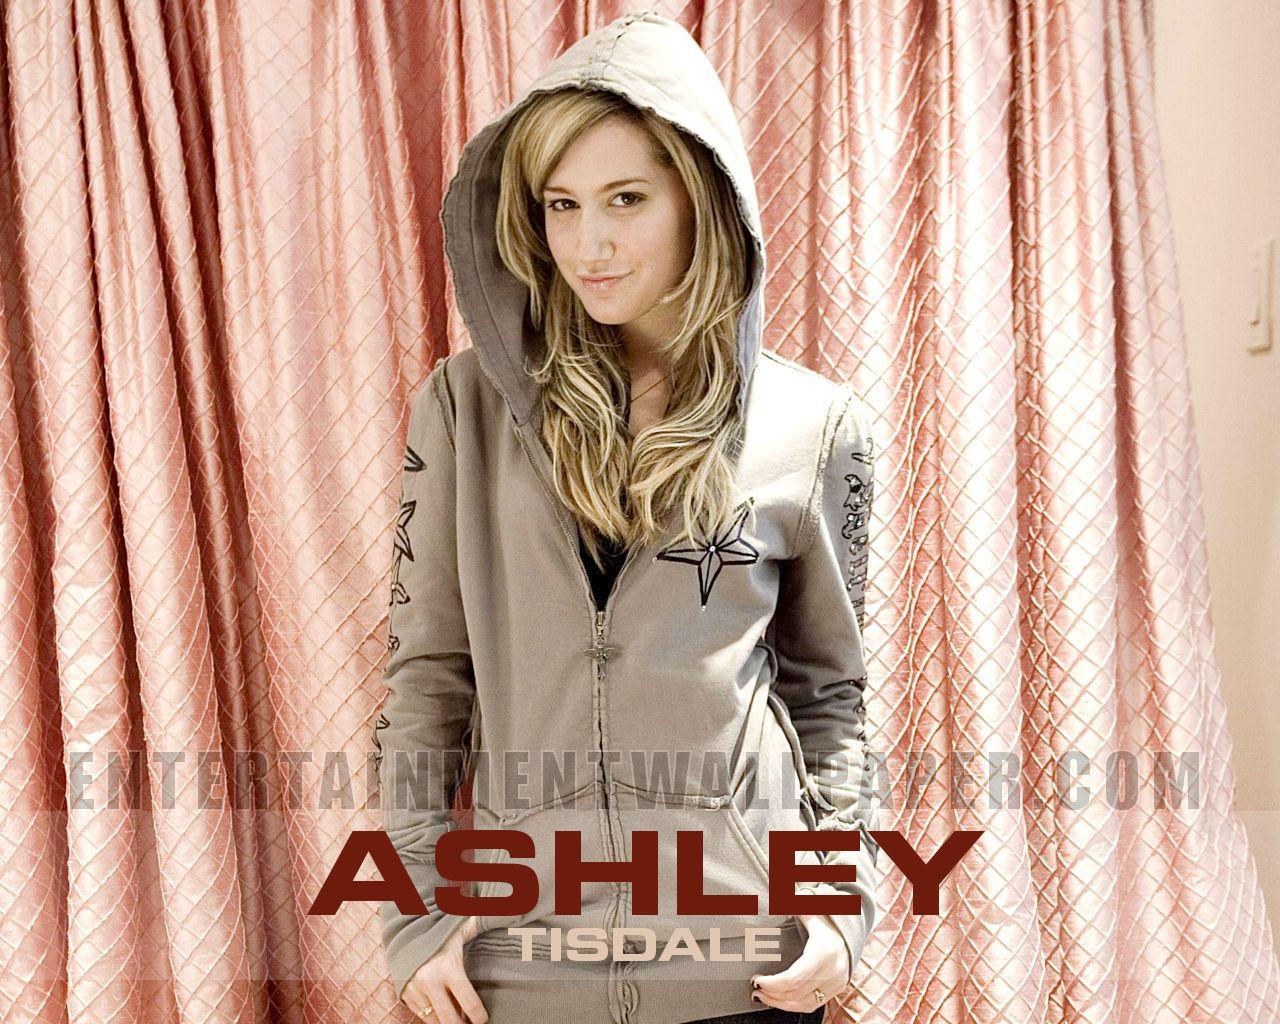 http://images2.fanpop.com/images/photos/8300000/Ashley-Tisdale-ashley-tisdale-8382917-1280-1024.jpg